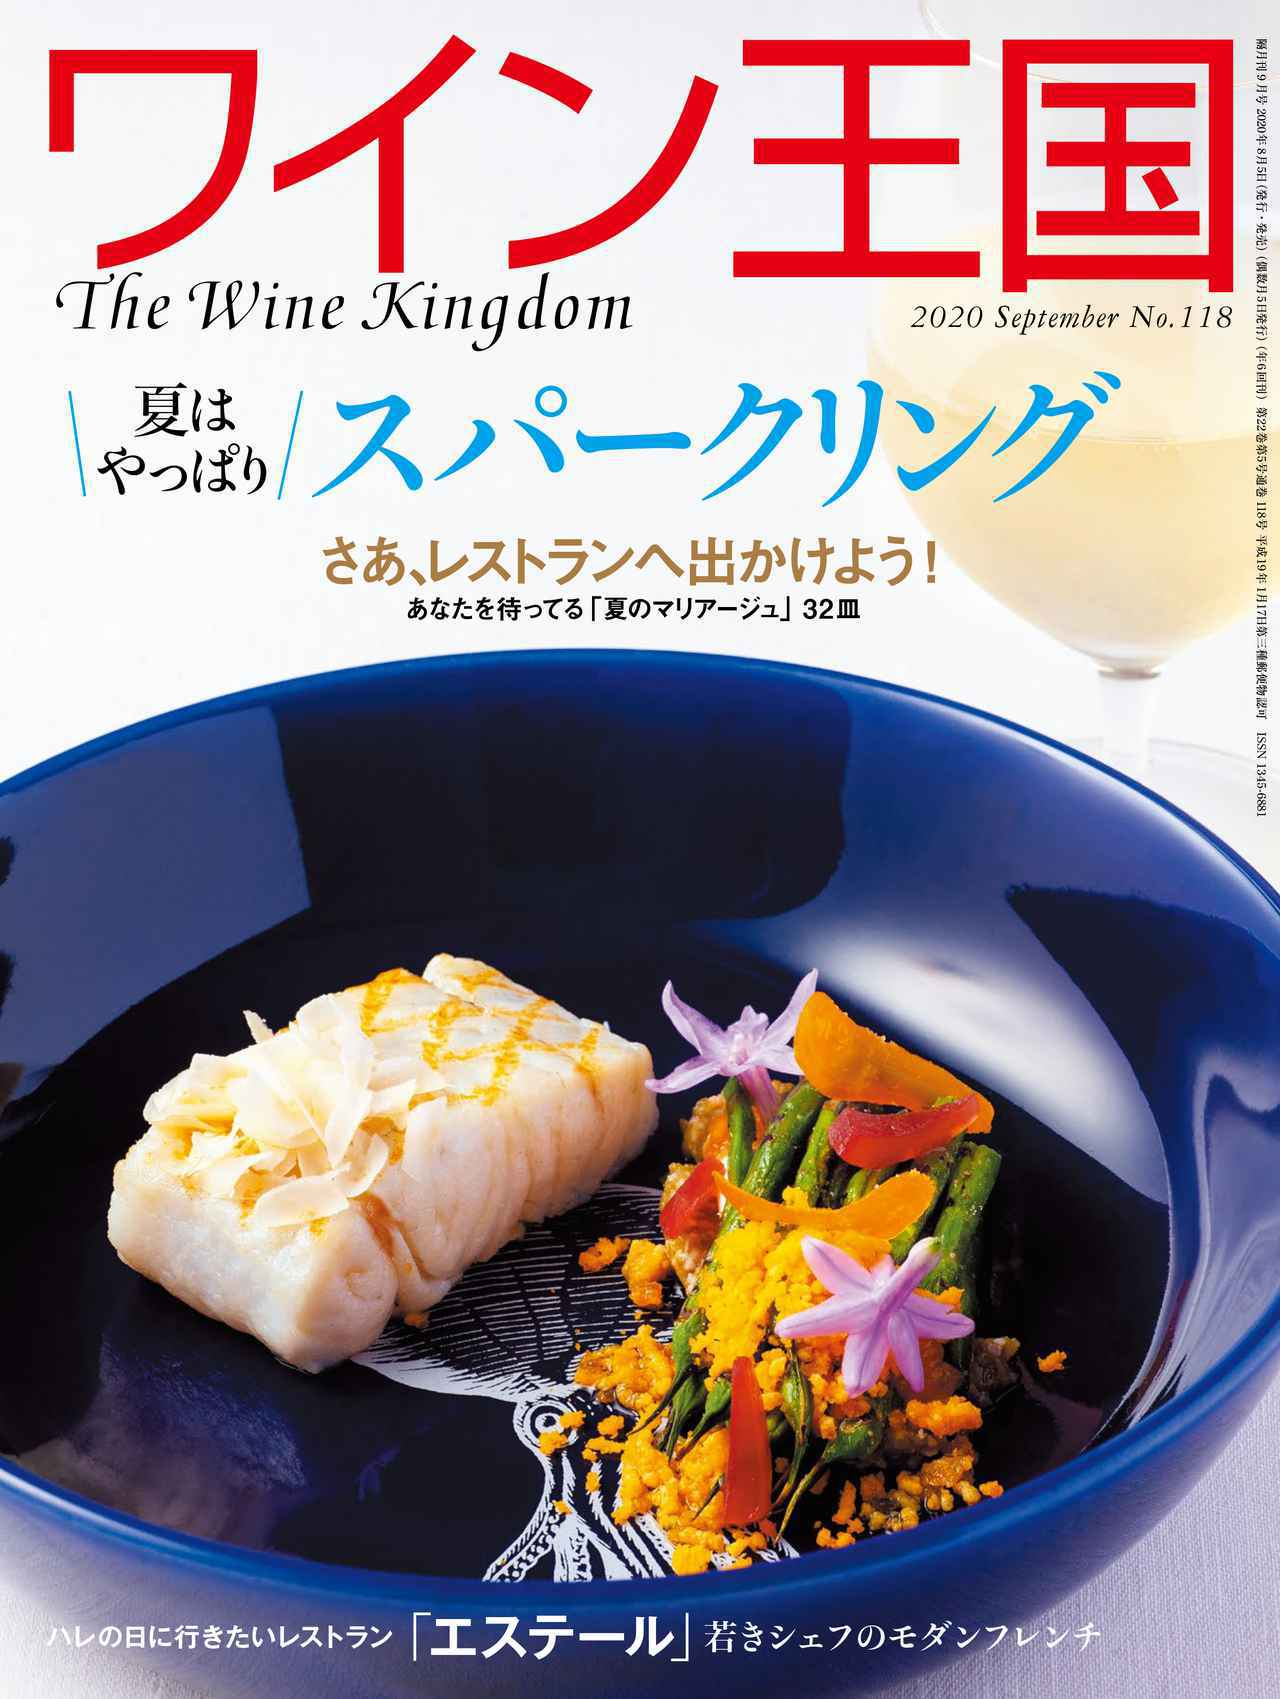 画像: 『ワイン王国 118号』夏はやっぱりスパークリング!/さあ、レストランへ出かけよう あなたを待ってる「夏のマリアージュ」32皿 - ワイン王国